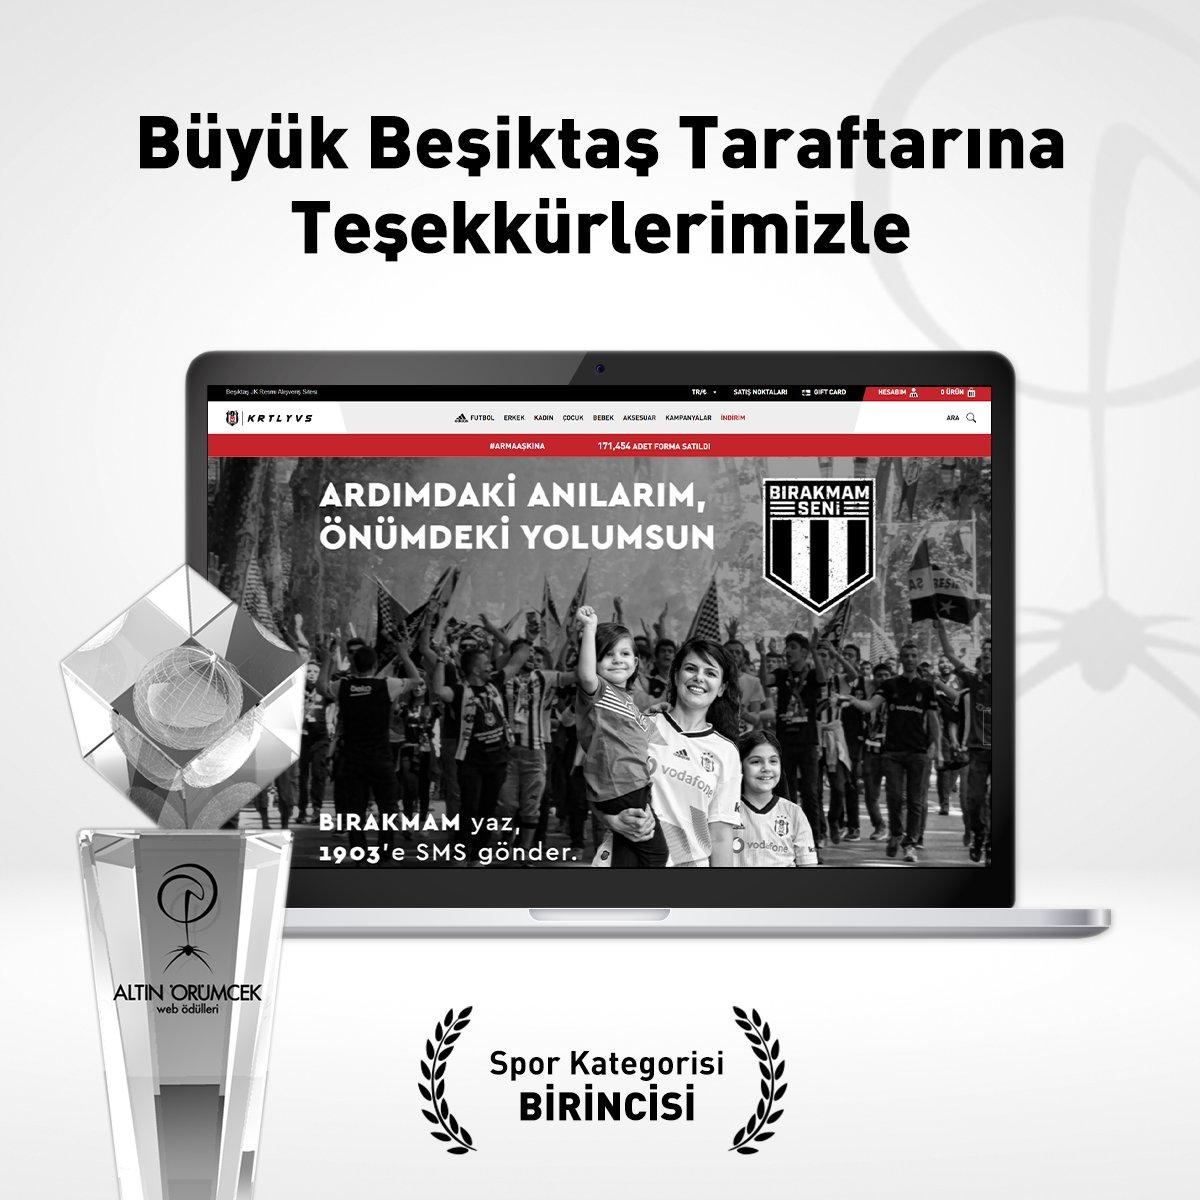 https://t.co/107aYy9vGg web sitemiz, 18. Altın Örümcek Ödülleri Spor kategorisinde birincilik ödülünü kazandı. Büyük Beşiktaş taraftarına teşekkürlerimizle 🦅🏆 https://t.co/X17qNo4LbF